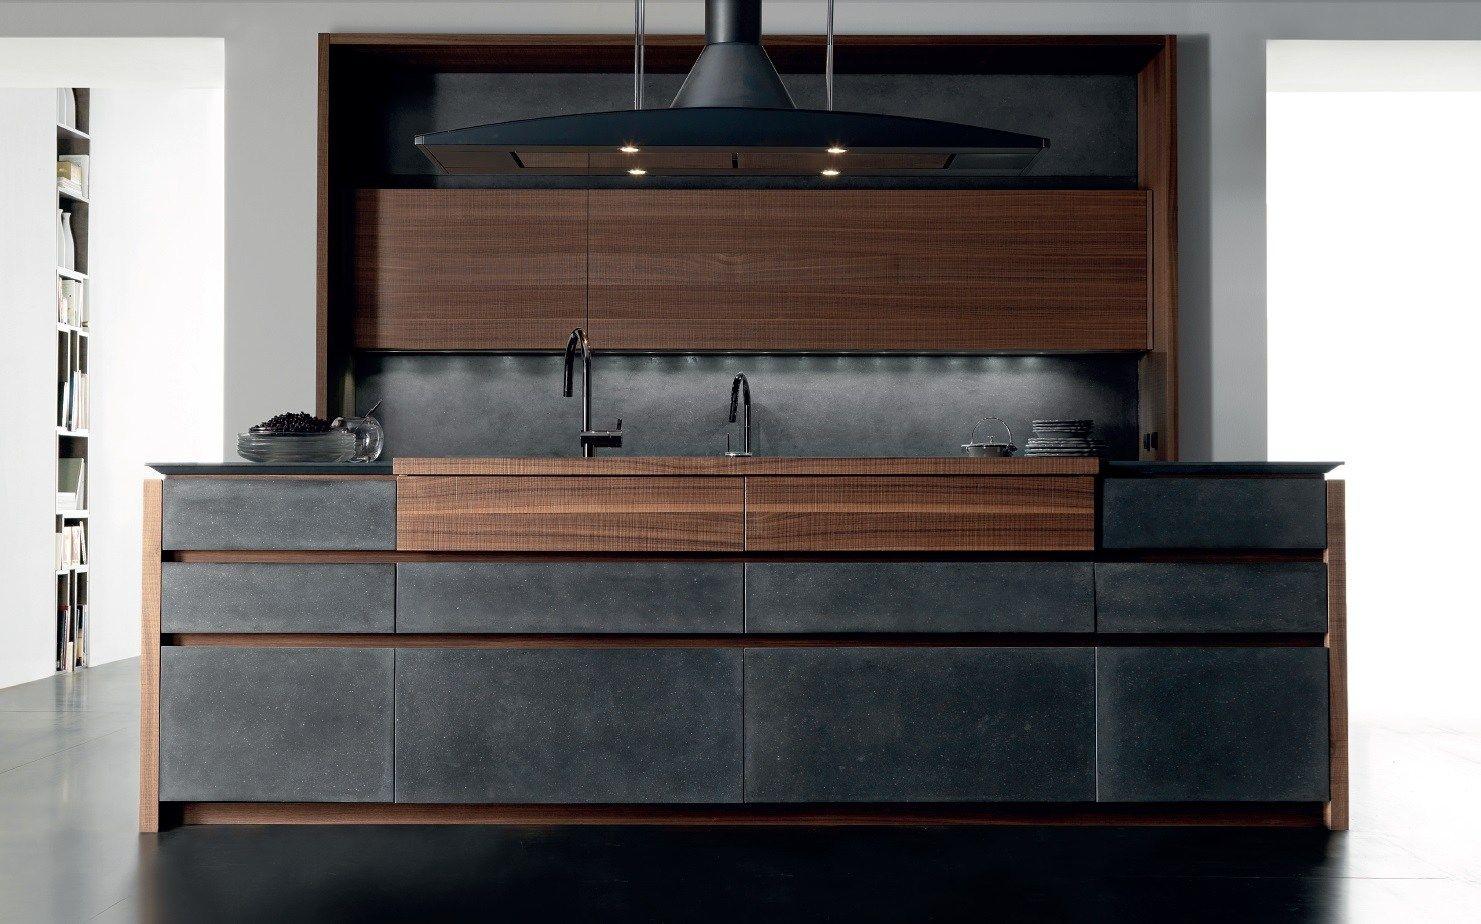 Cucina in cemento con isola wind cemento eta noir by - Top cucina in cemento ...